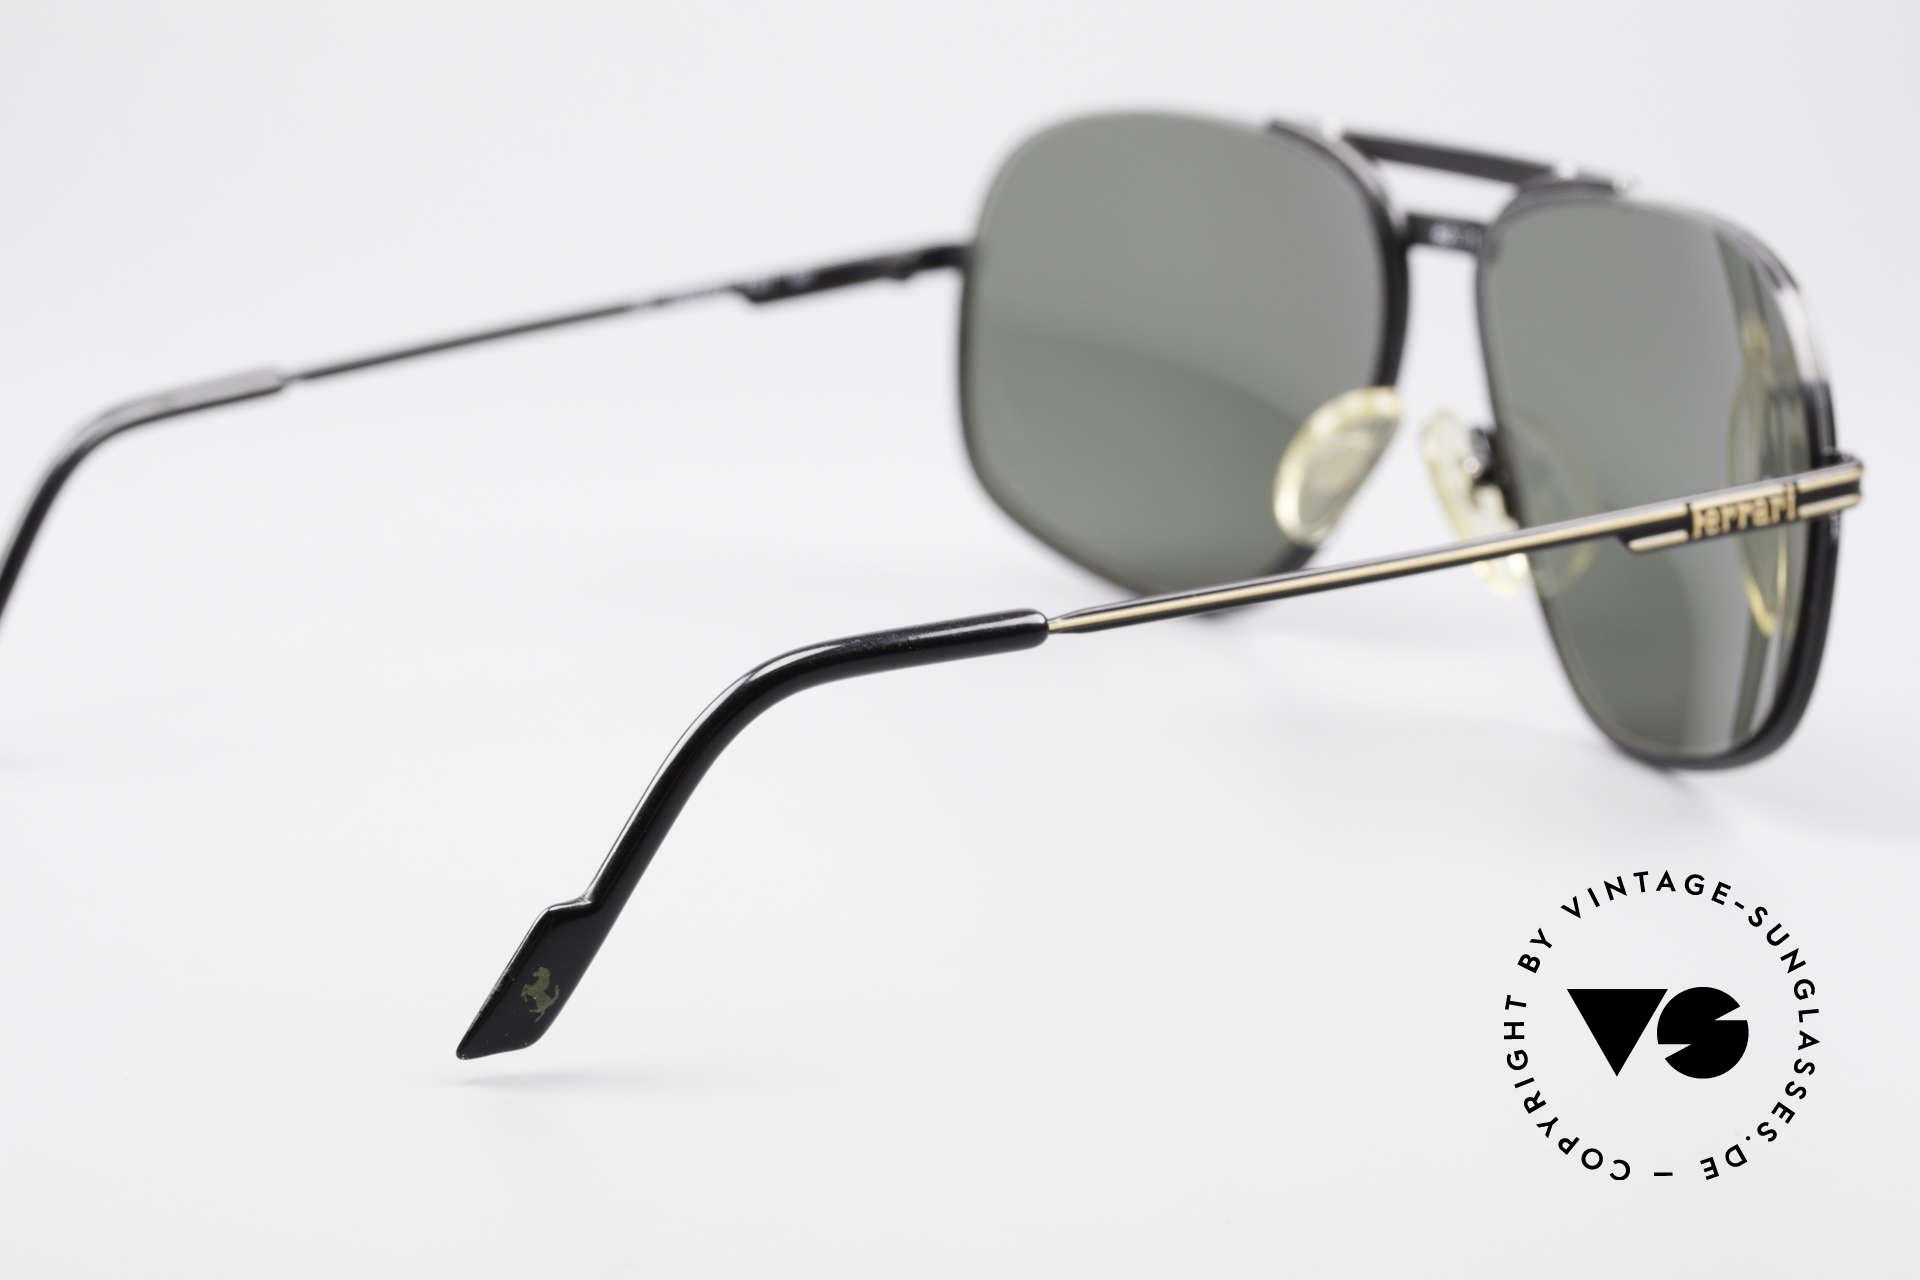 Ferrari F4 - L Rennfahrer Sonnenbrille 80er, die Fassung könnte ggf auch optisch verglast werden, Passend für Herren